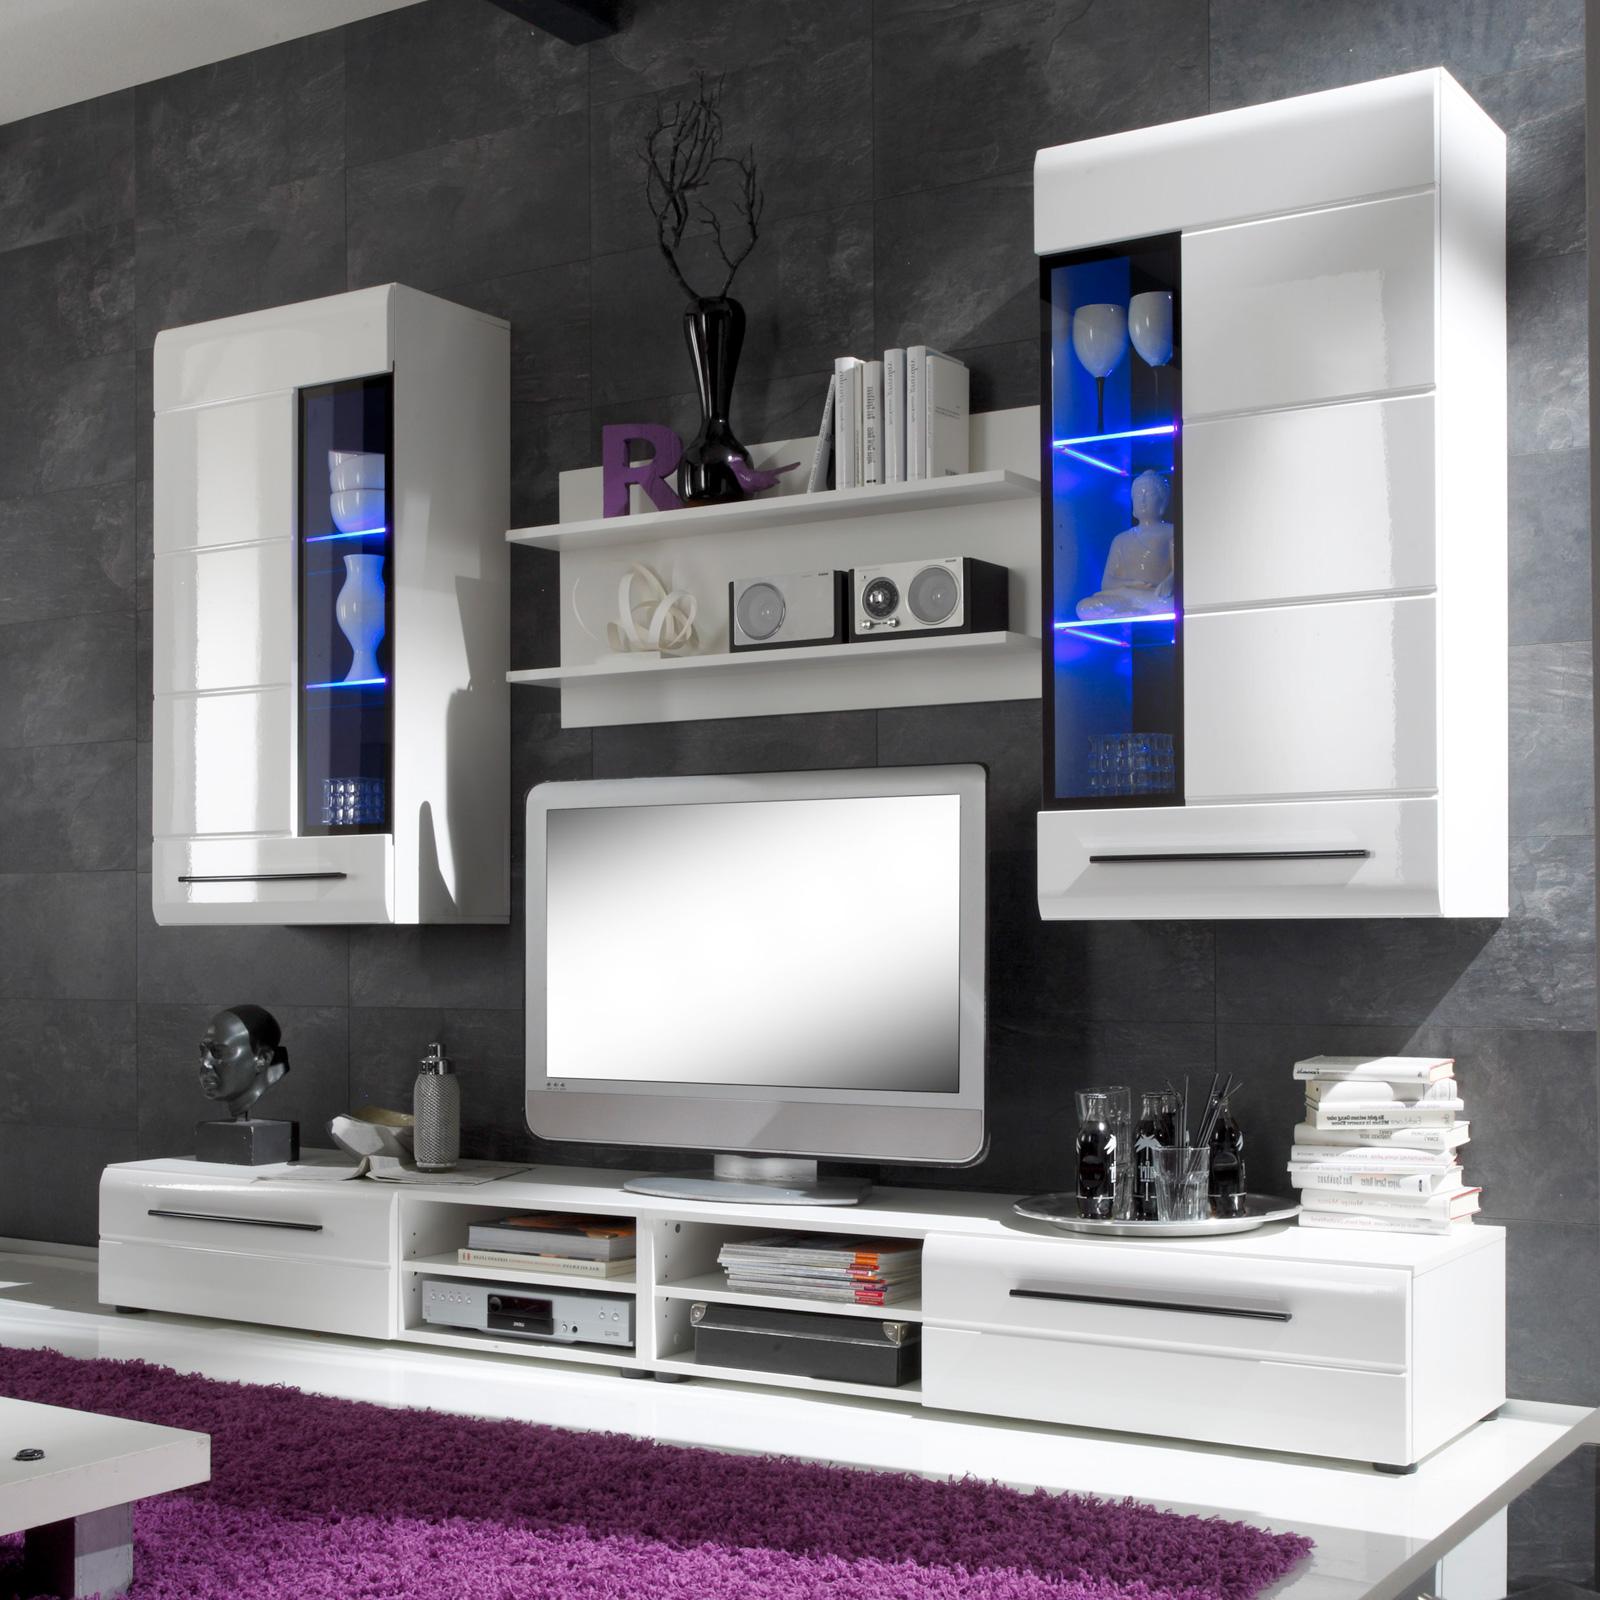 Wohnwand Trier Mit Beleuchtung : Details zu Wohnwand Skin 2 Wohnzimmer Anbauwand in weiß hochglanz mit ...